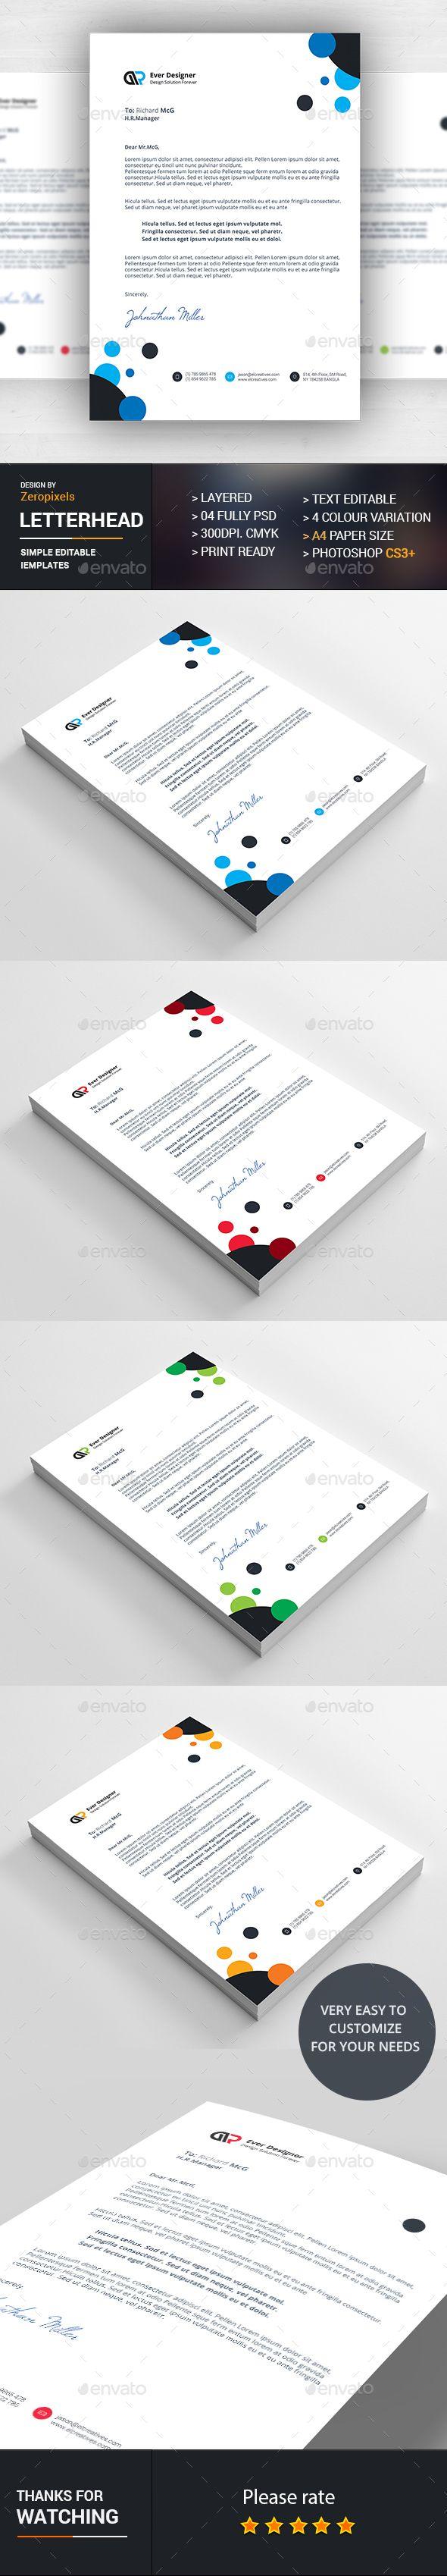 Letterhead Design Template PSD Letterhead Design